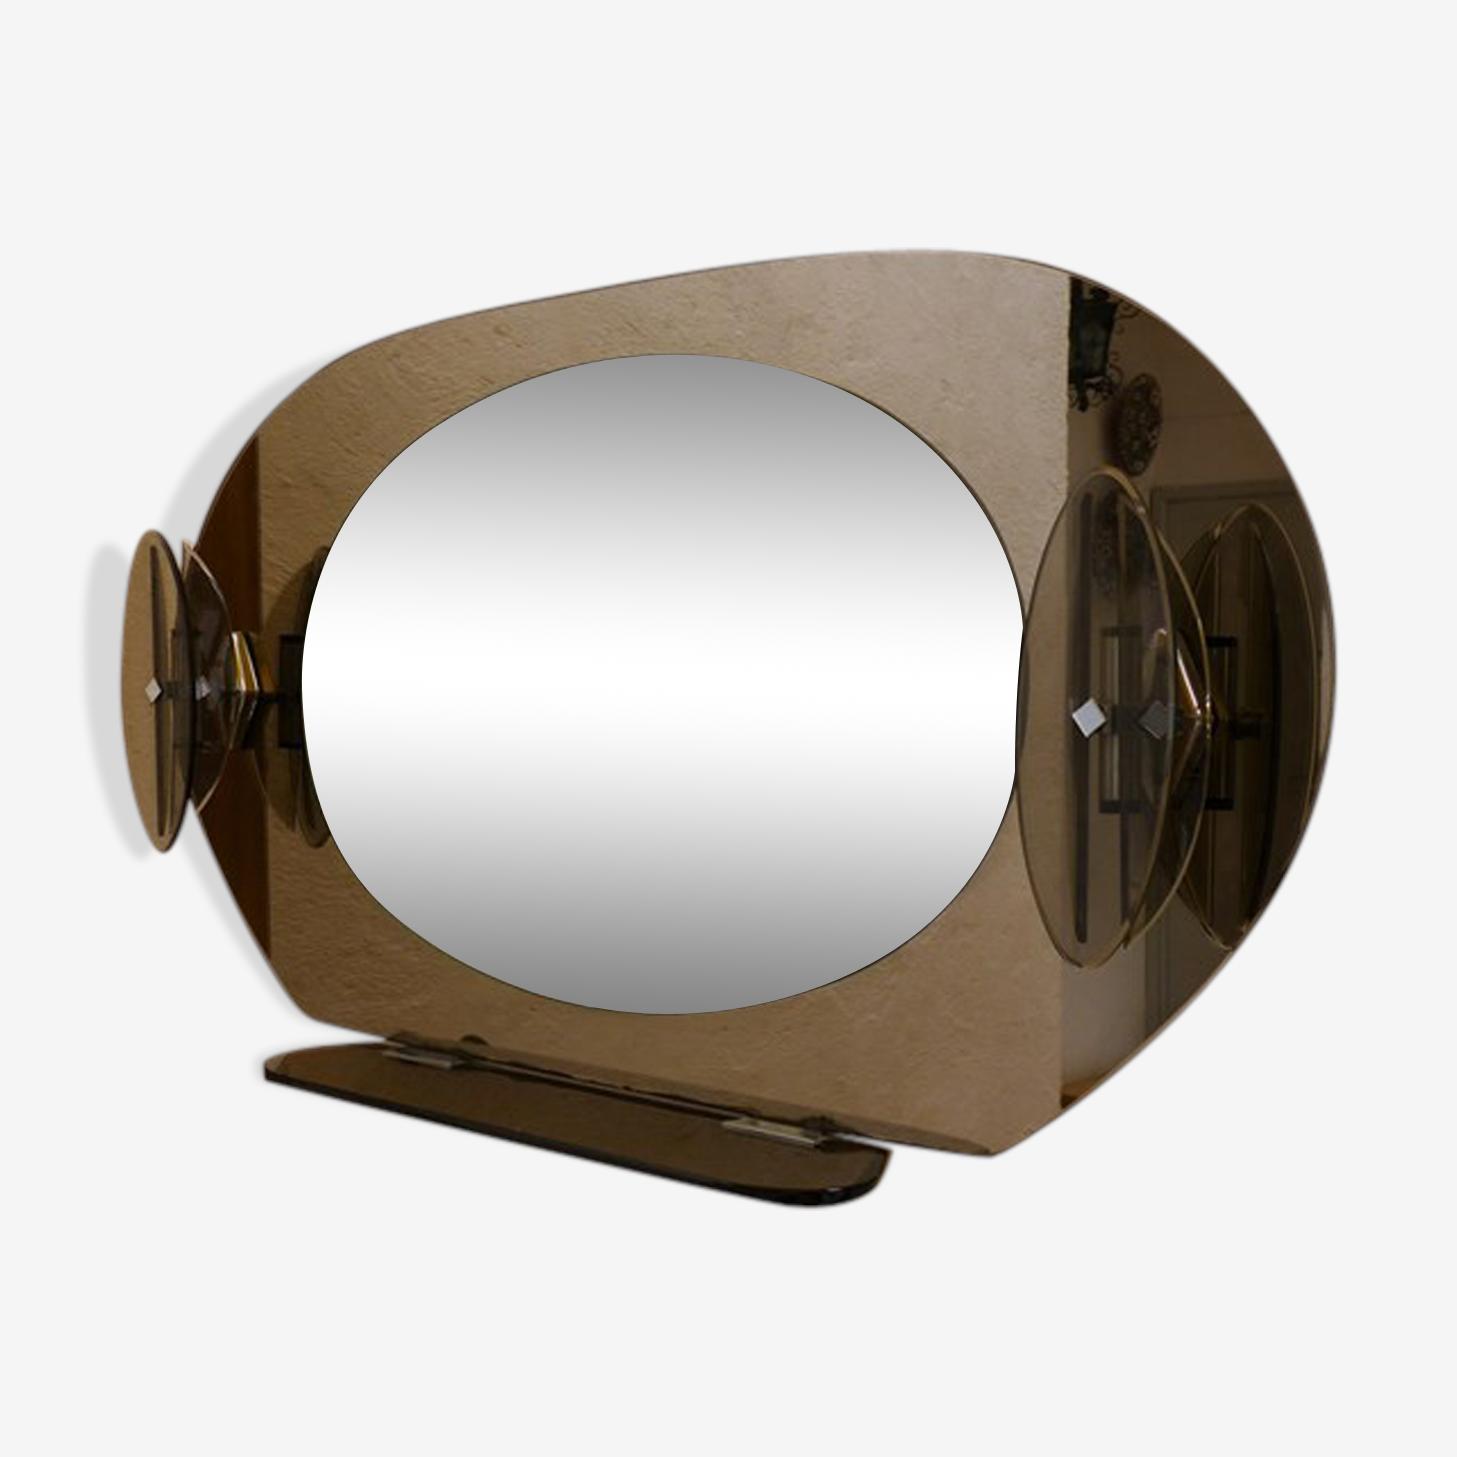 Miroir Fontana Arte ovale en verre fumé